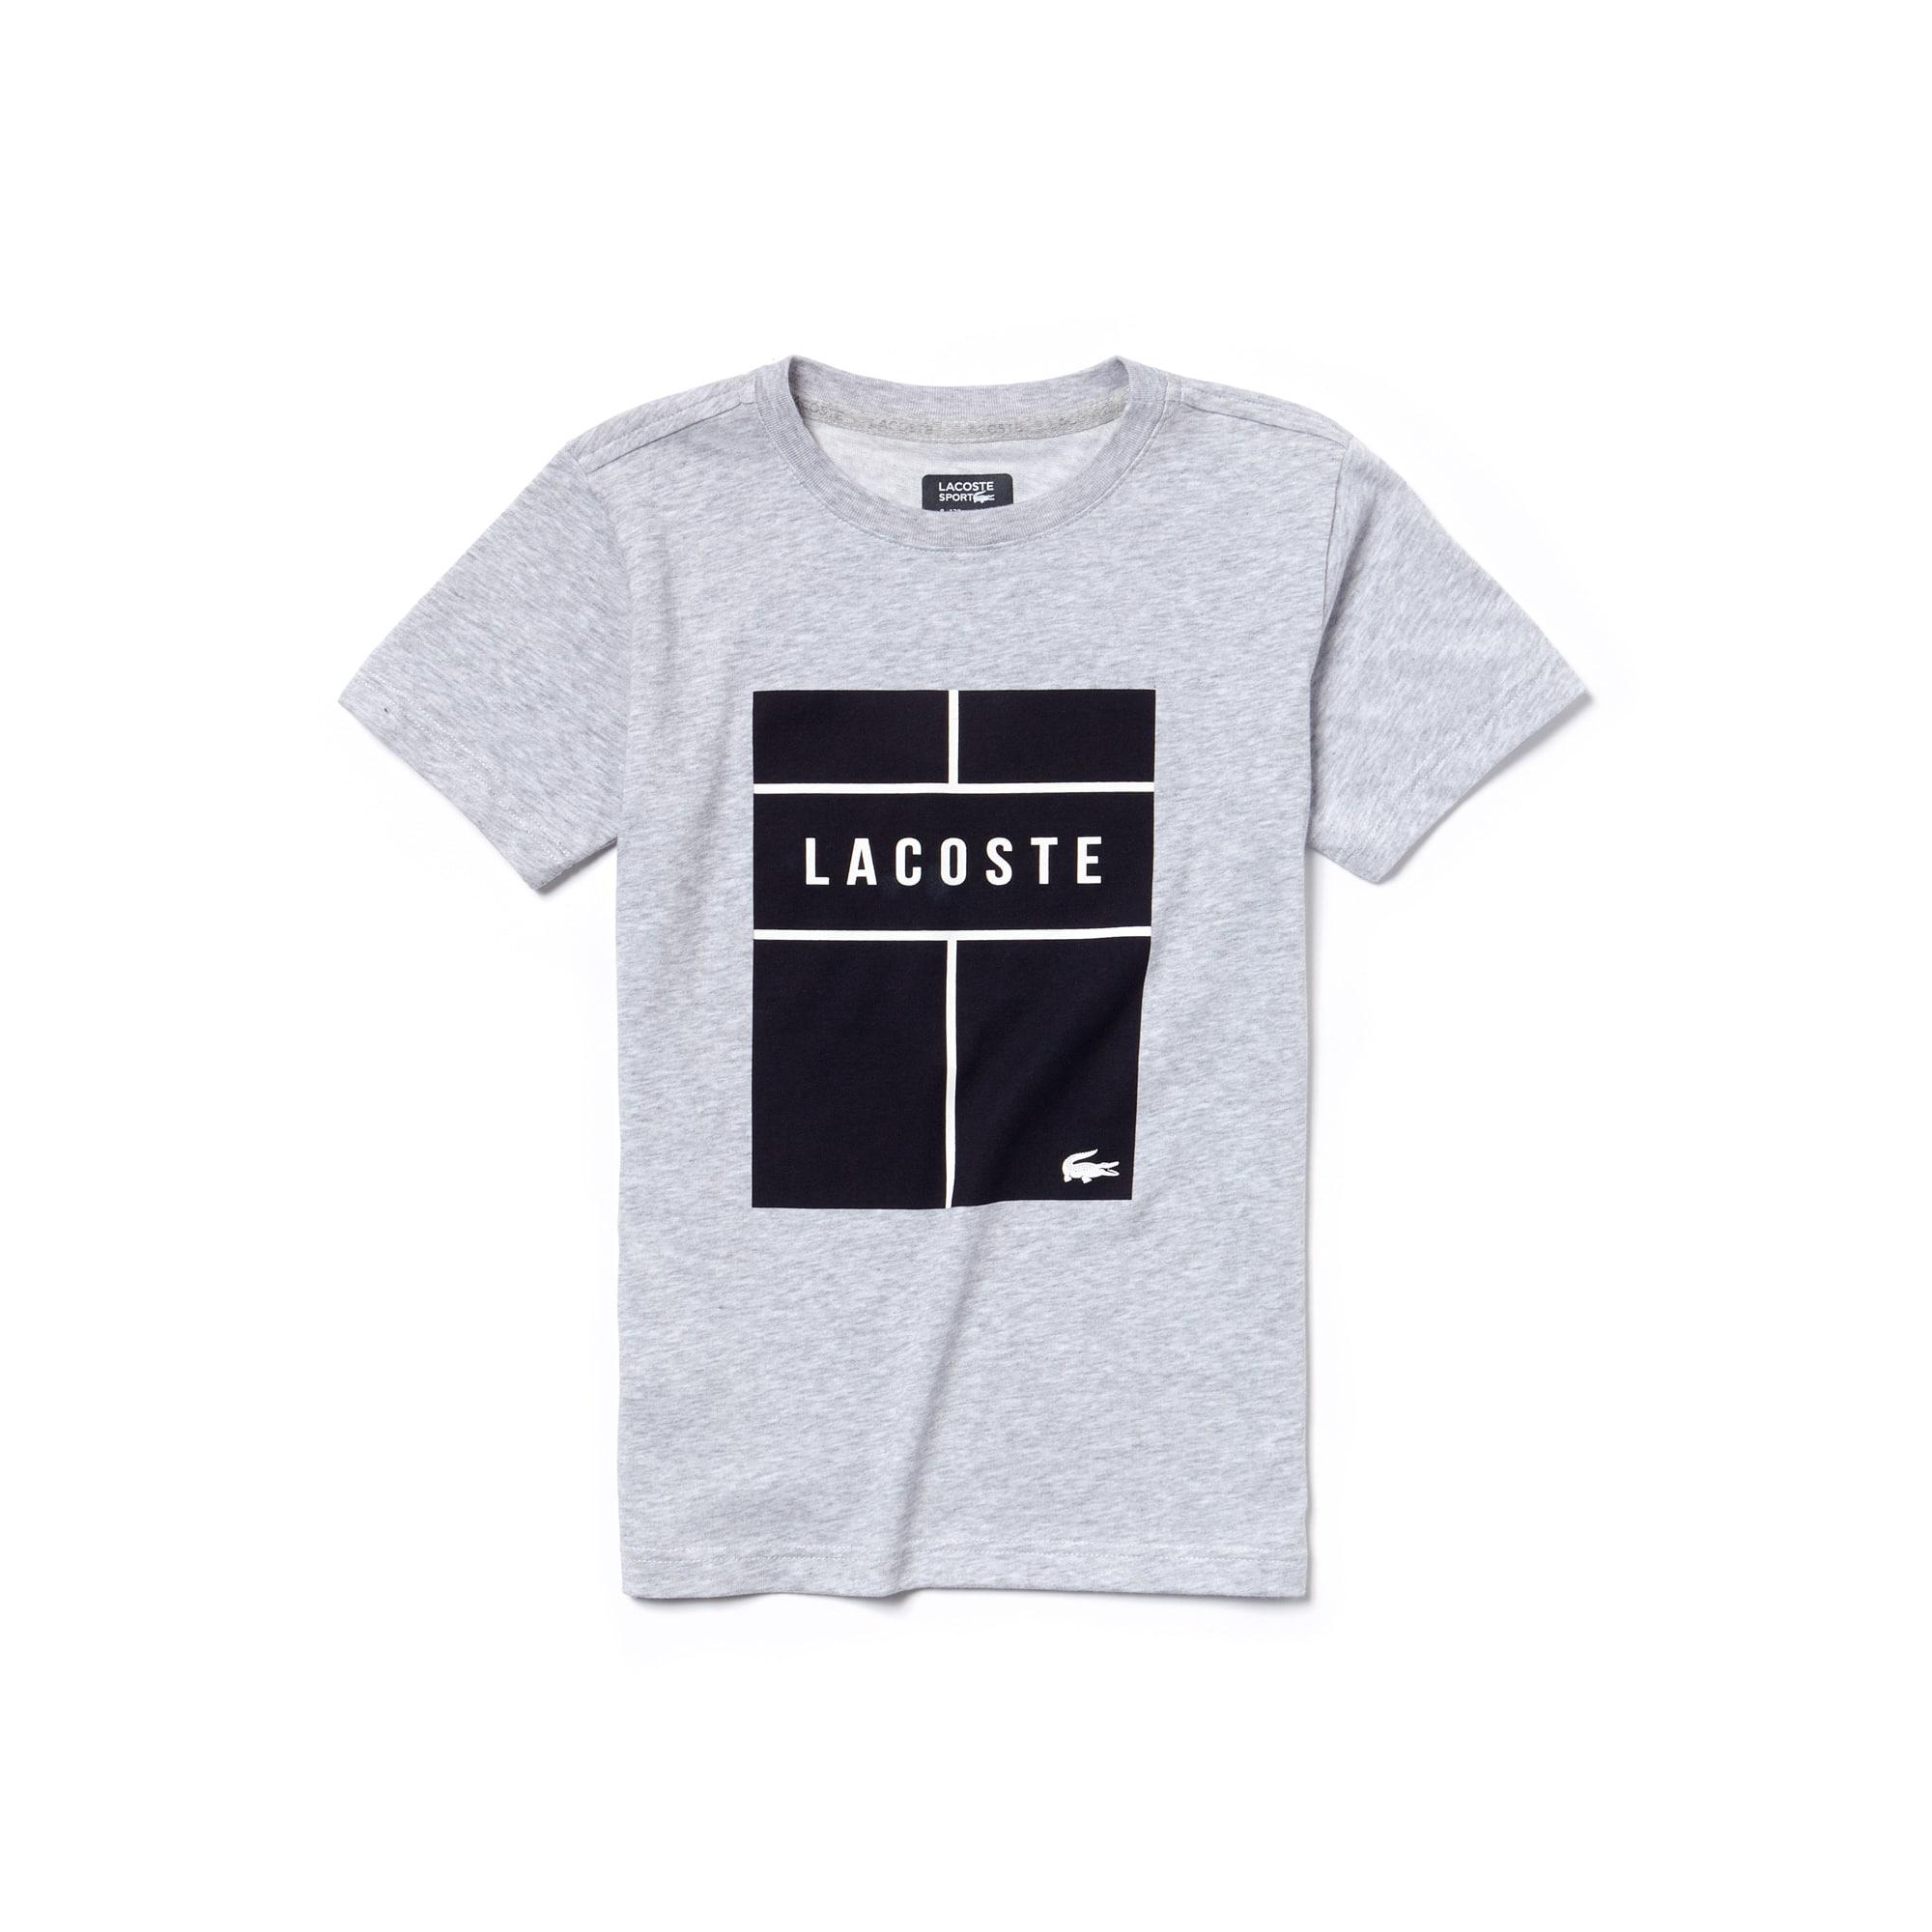 Camiseta De Niño Lacoste SPORT Tennis En Tejido De Punto Técnico Con Inscripción Lacoste